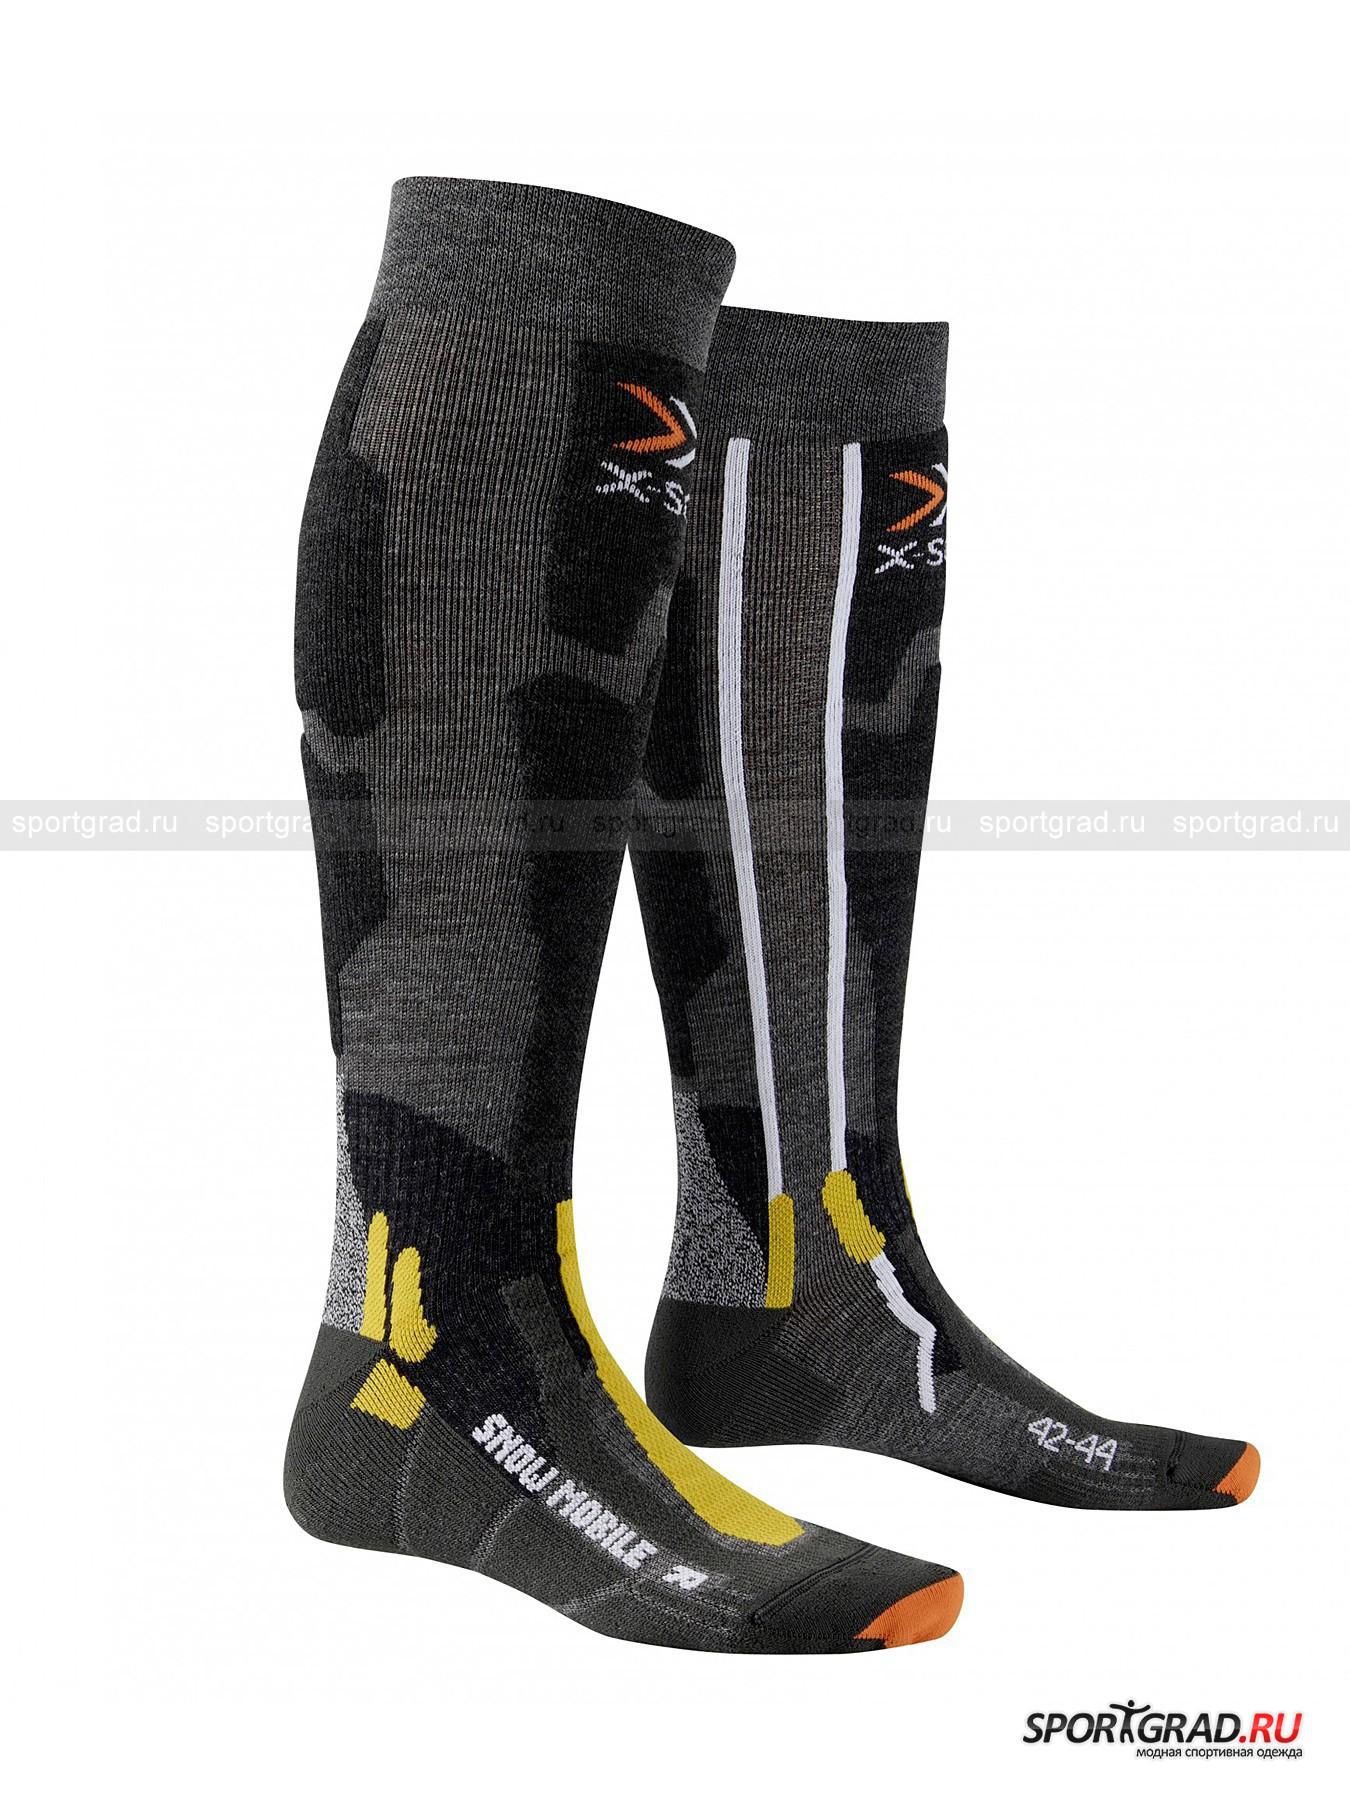 Носки унисекс SNOW MOBILE X-SOCKSНоски<br>Носки унисекс SNOW MOBILE X-SOCKS подойдут для любителей катания на снегоходах. Высокие носки с саморегулирующейся манжетой надежно защищают и согревают благодаря содержанию в составе мериносовой шерсти, которая отличается своей мягкостью, эластичностью и износостойкостью. Специальные протекторы защищают пятки и кончики пальцев от ударов и натираний. Крестовинная накладка на лодыжку обеспечивают связкам и сухожилиям поддержку без ограничения подвижности. Стопа анатомической формы и канал вентиляции  осуществляет выведение теплого и влажного воздуха, так что ноги всегда сохраняют свежесть. Антибактериальное волокно предотвращает распространение бактерий и неприятного запаха.<br><br>Возраст: Взрослый<br>Тип: Носки<br>Рекомендации по уходу: Деликатная стирка при 40С, Без отбеливателя, запрещено:гладить, химчистка, сушка В стиральной машине.<br>Состав: 36% акрил, 23% нейлон, 16% шерсть мериноса, 12% полипропилен, 8% полиэстер, 3% эластан